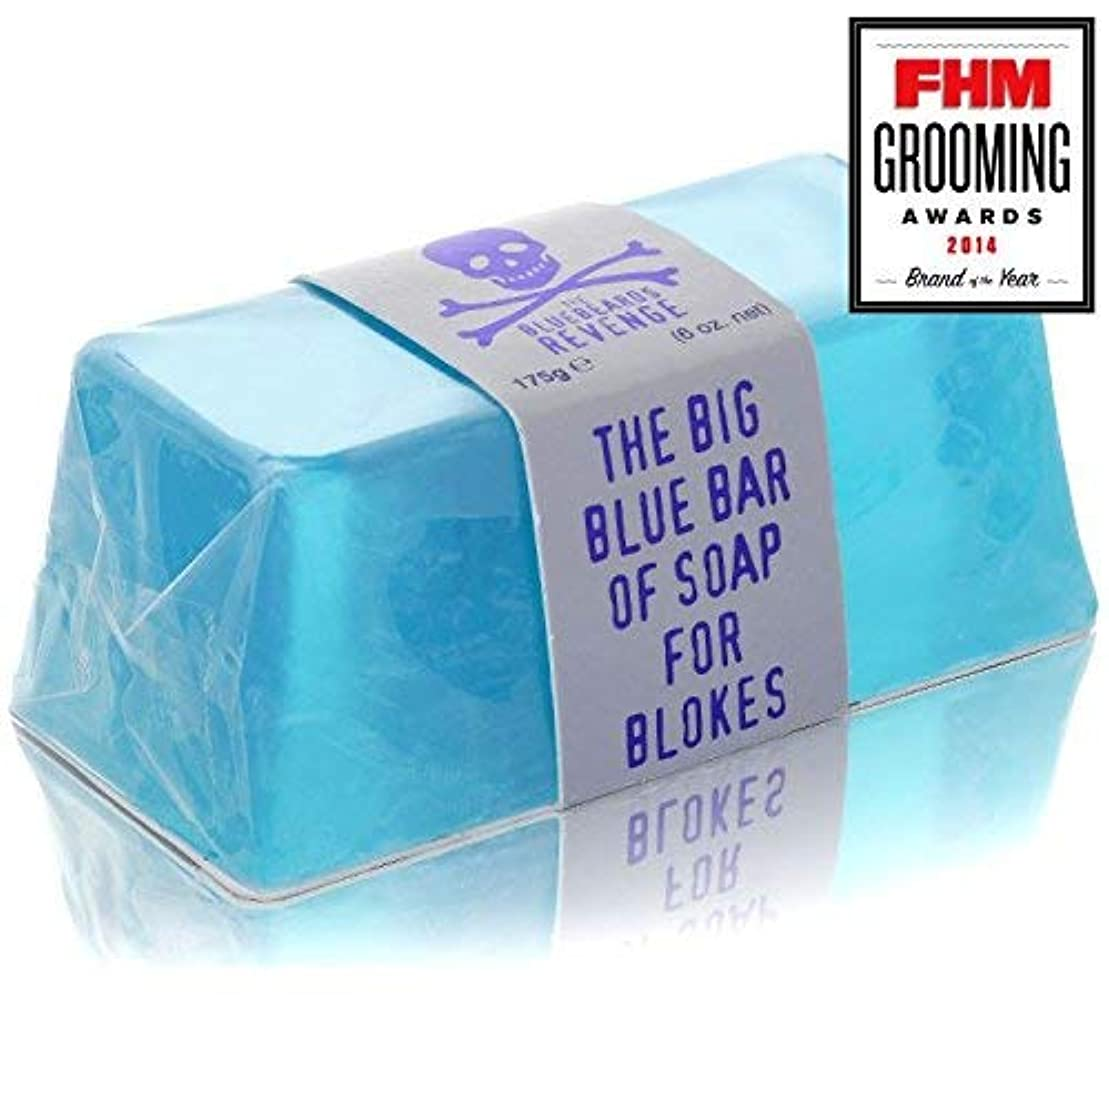 分類ホステス神社The Bluebeards Revenge Big Blue Bar of Soap for Blokes Glycerin Soap by The Bluebeards Revenge [並行輸入品]